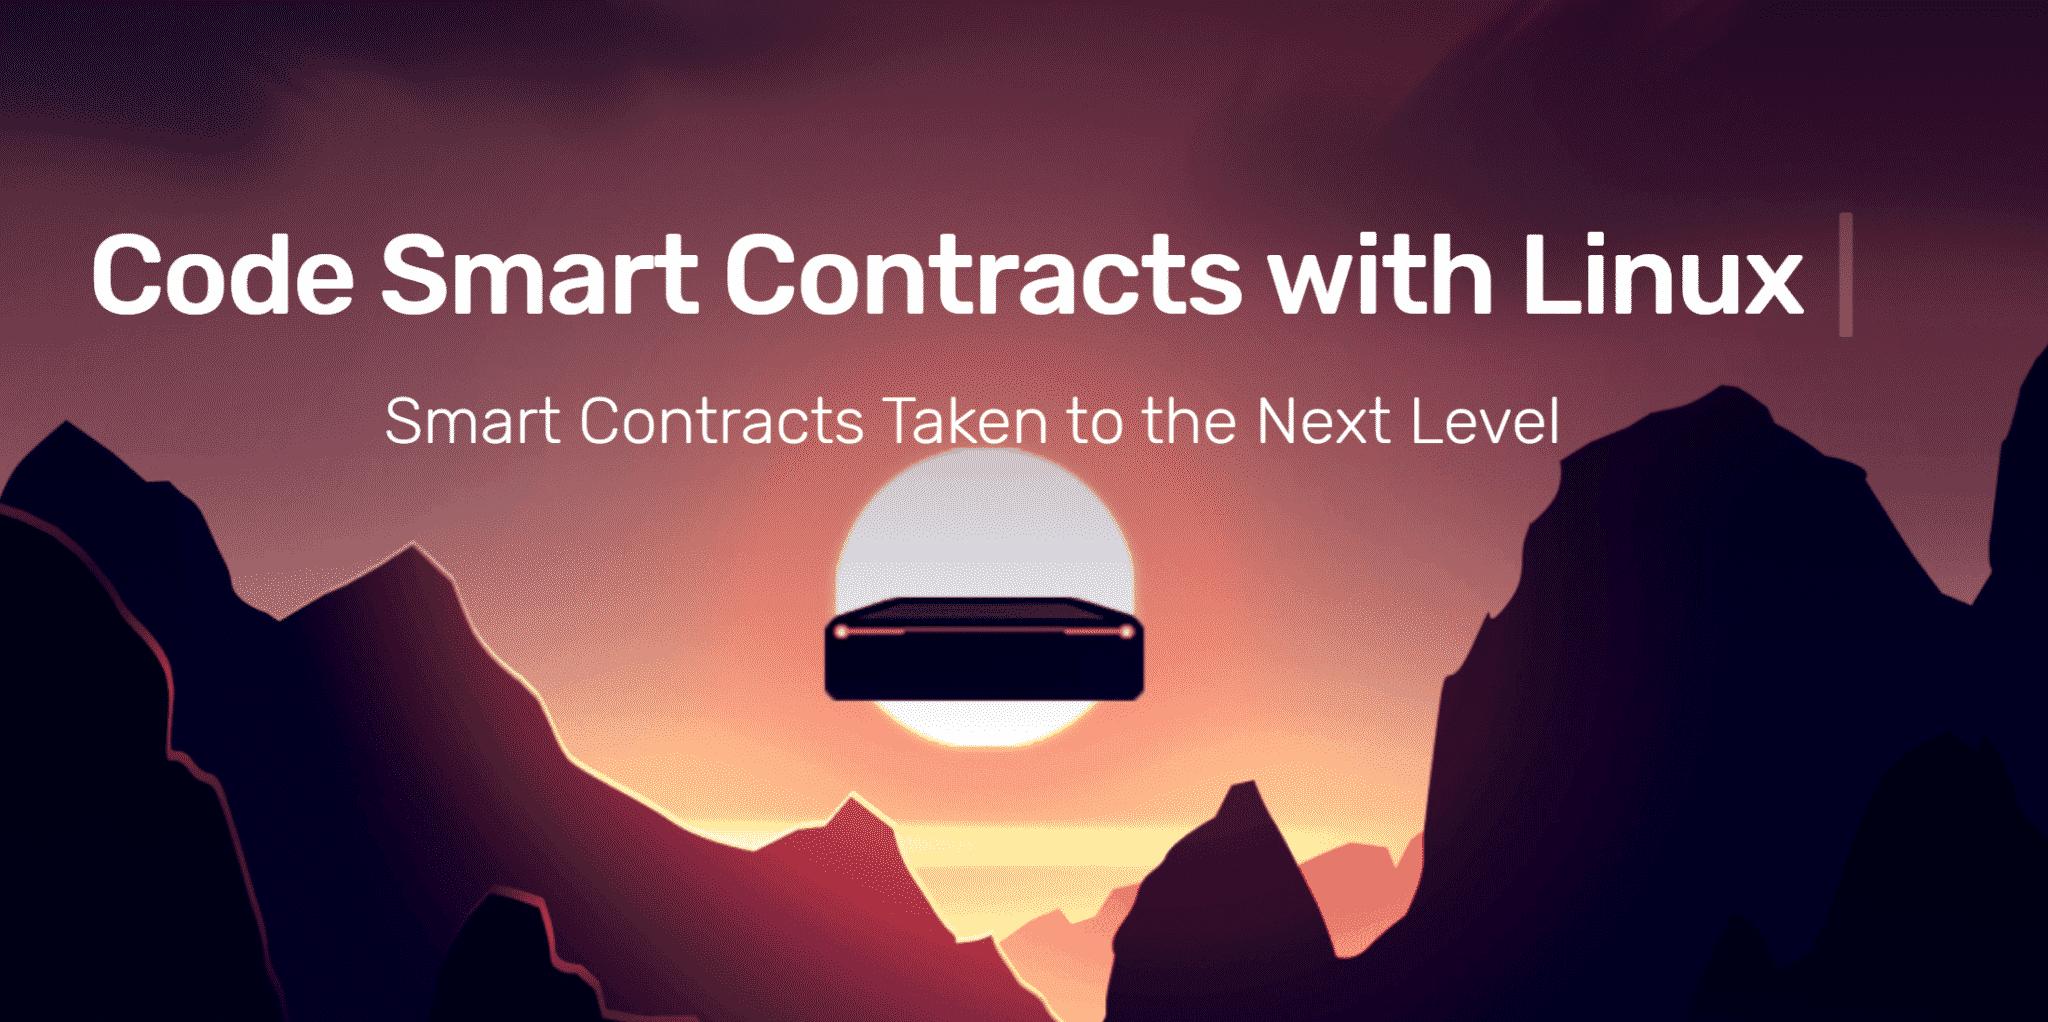 Smart contracts met Linux